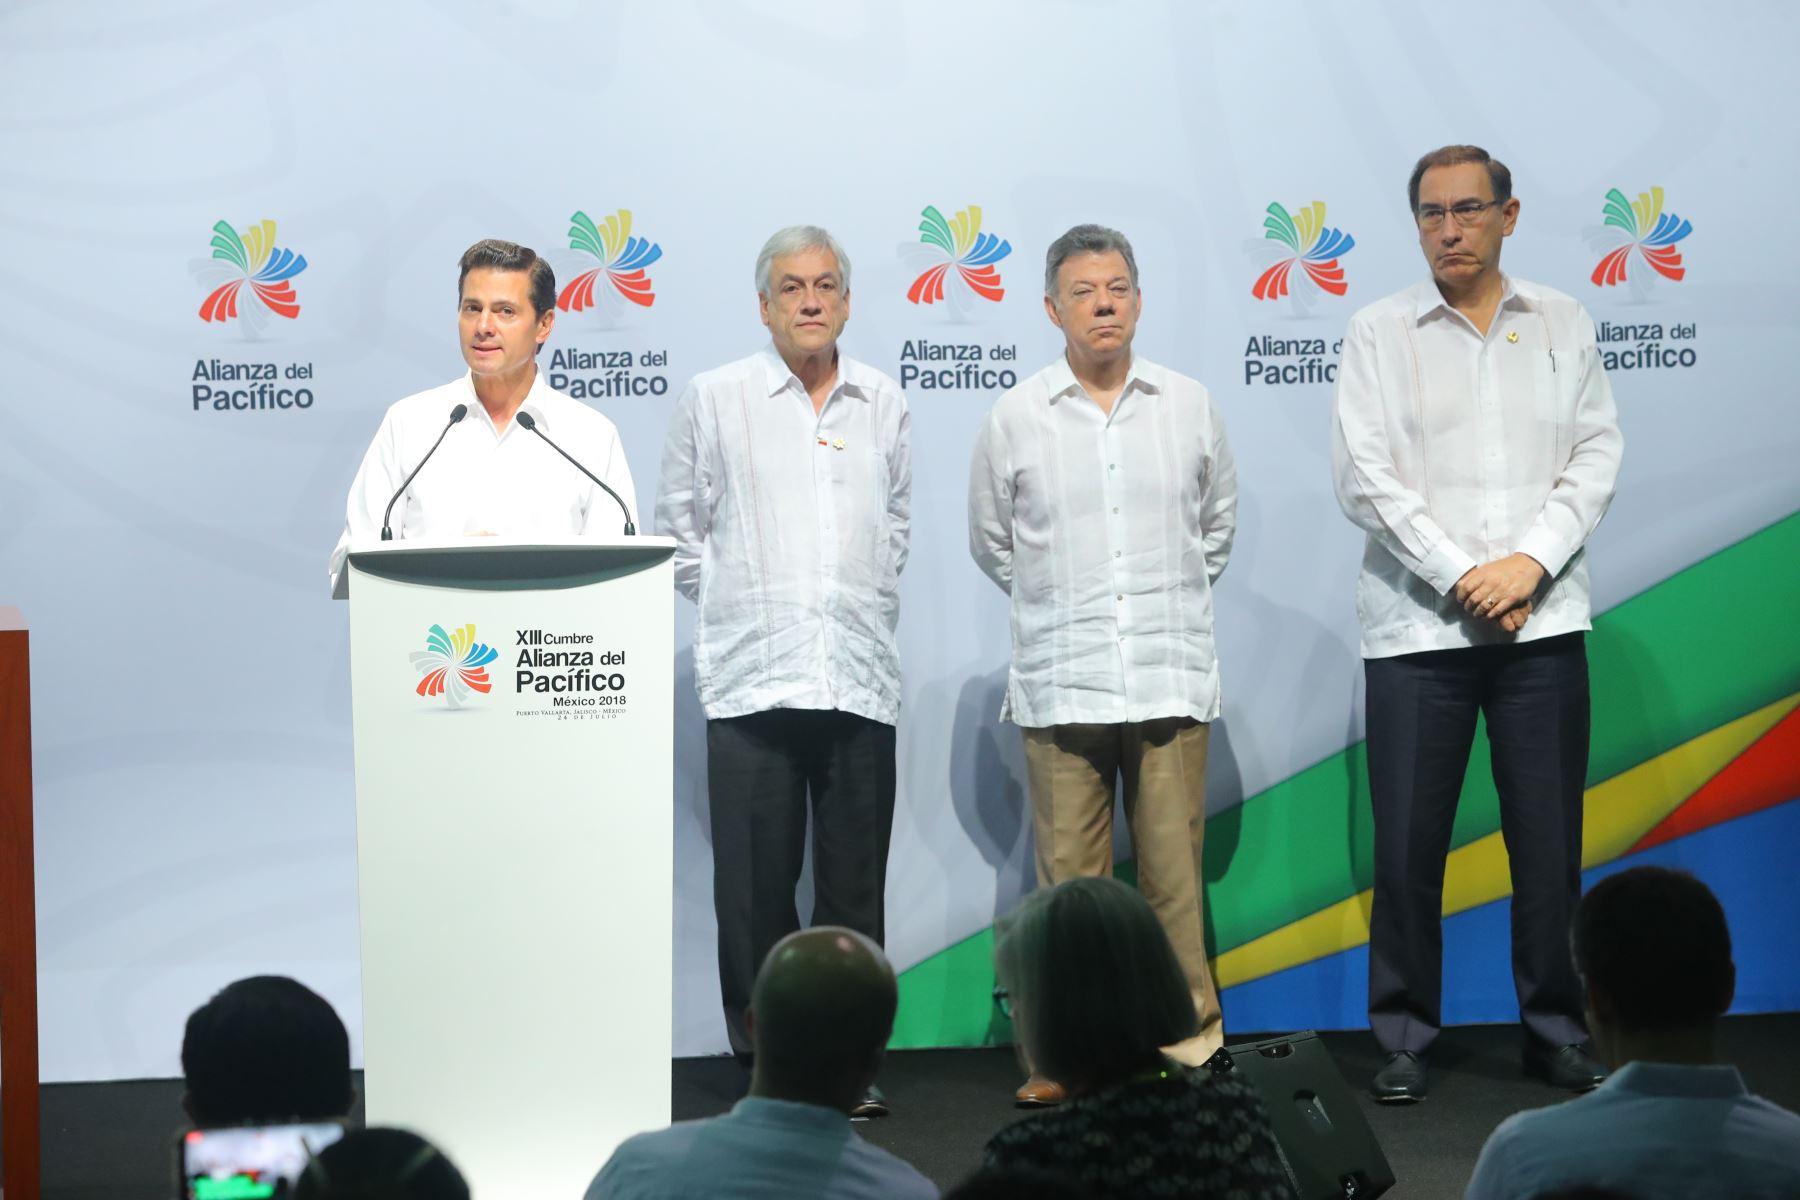 Reunión de presidentes de la Alianza del Pacifico y Mercosur. Foto: ANDINA/Prensa Presidencia